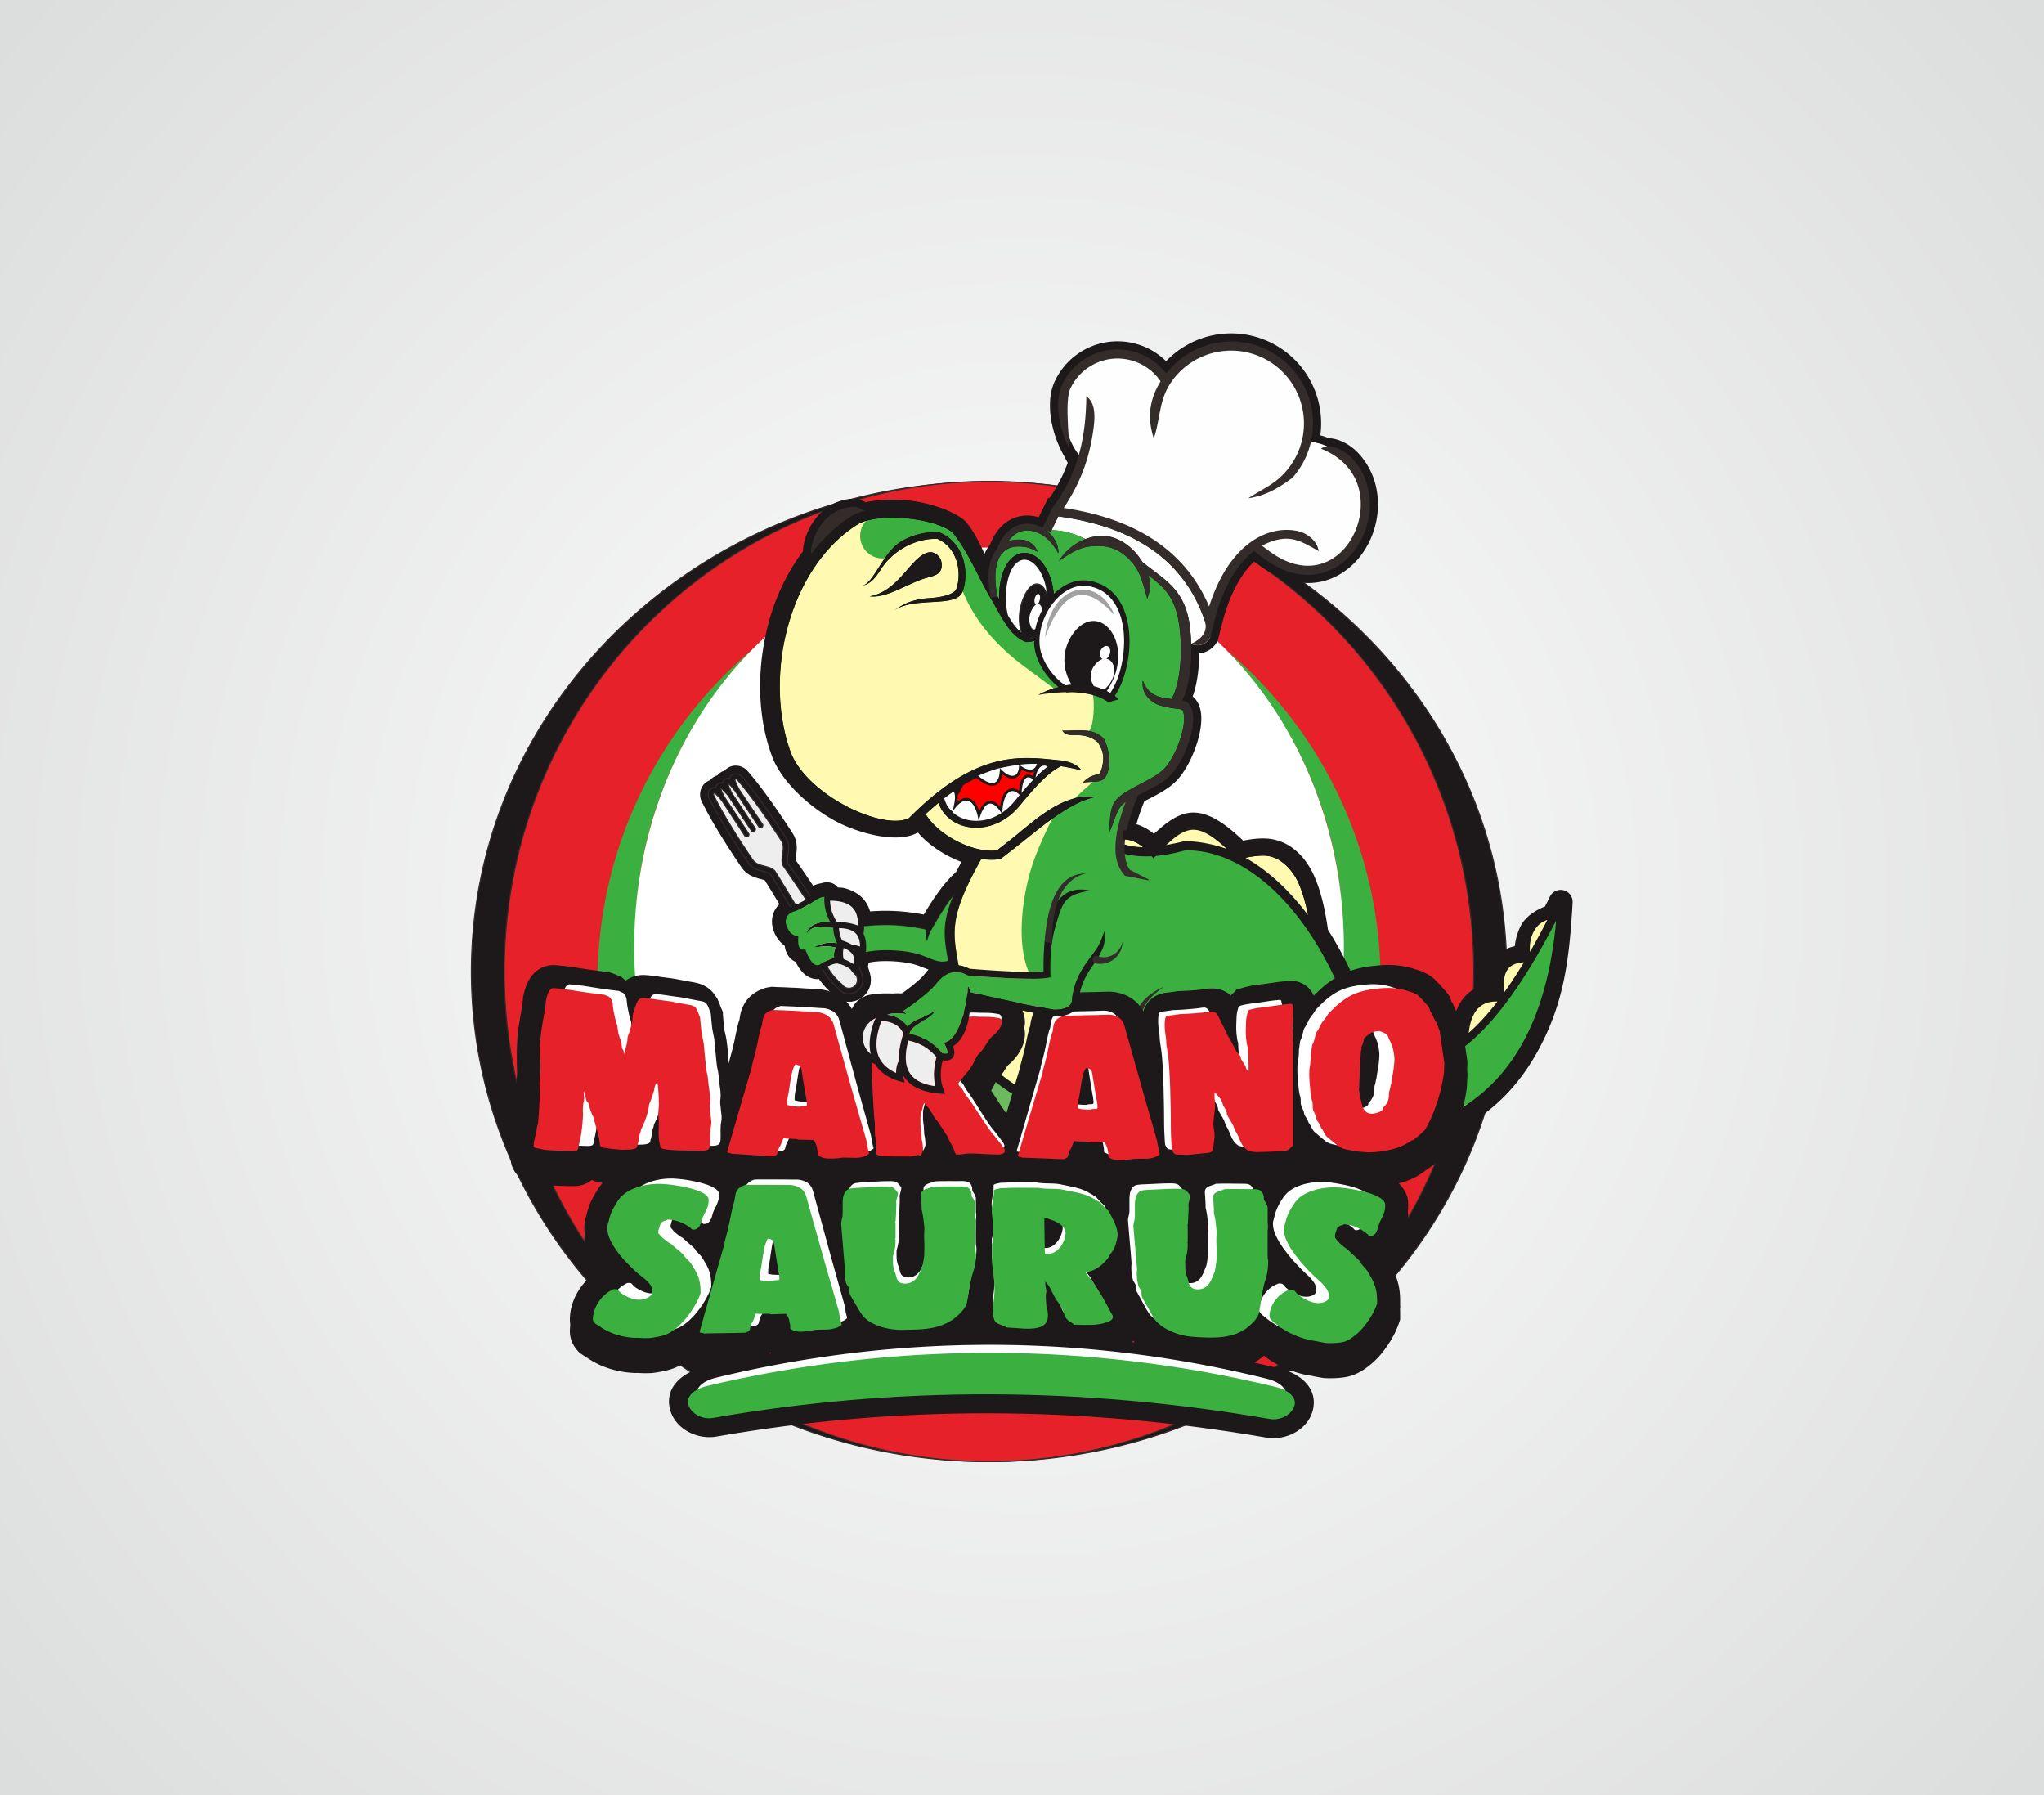 Makanosaurus 1